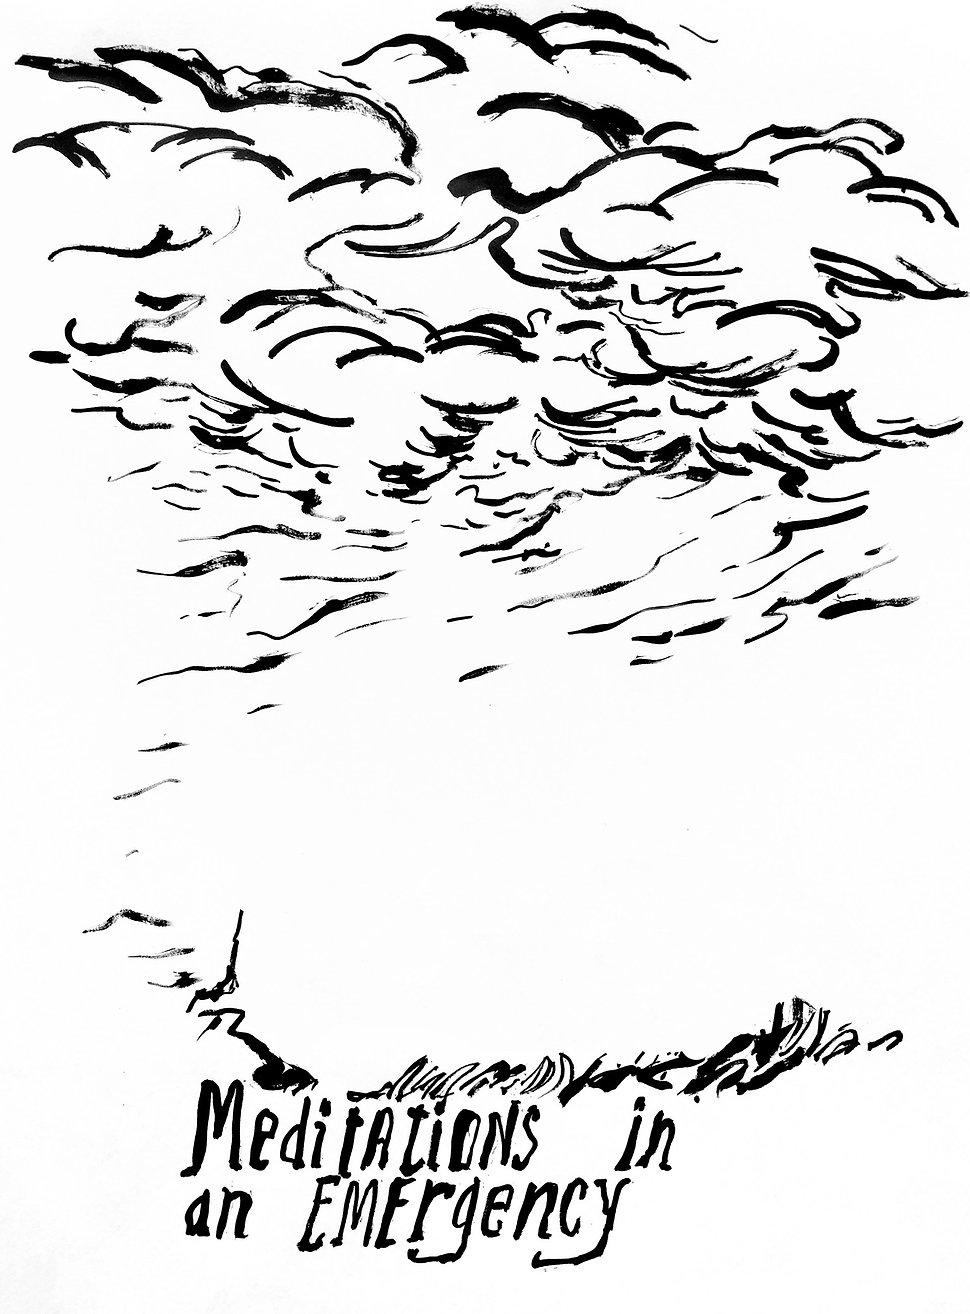 Meditations8b.jpg